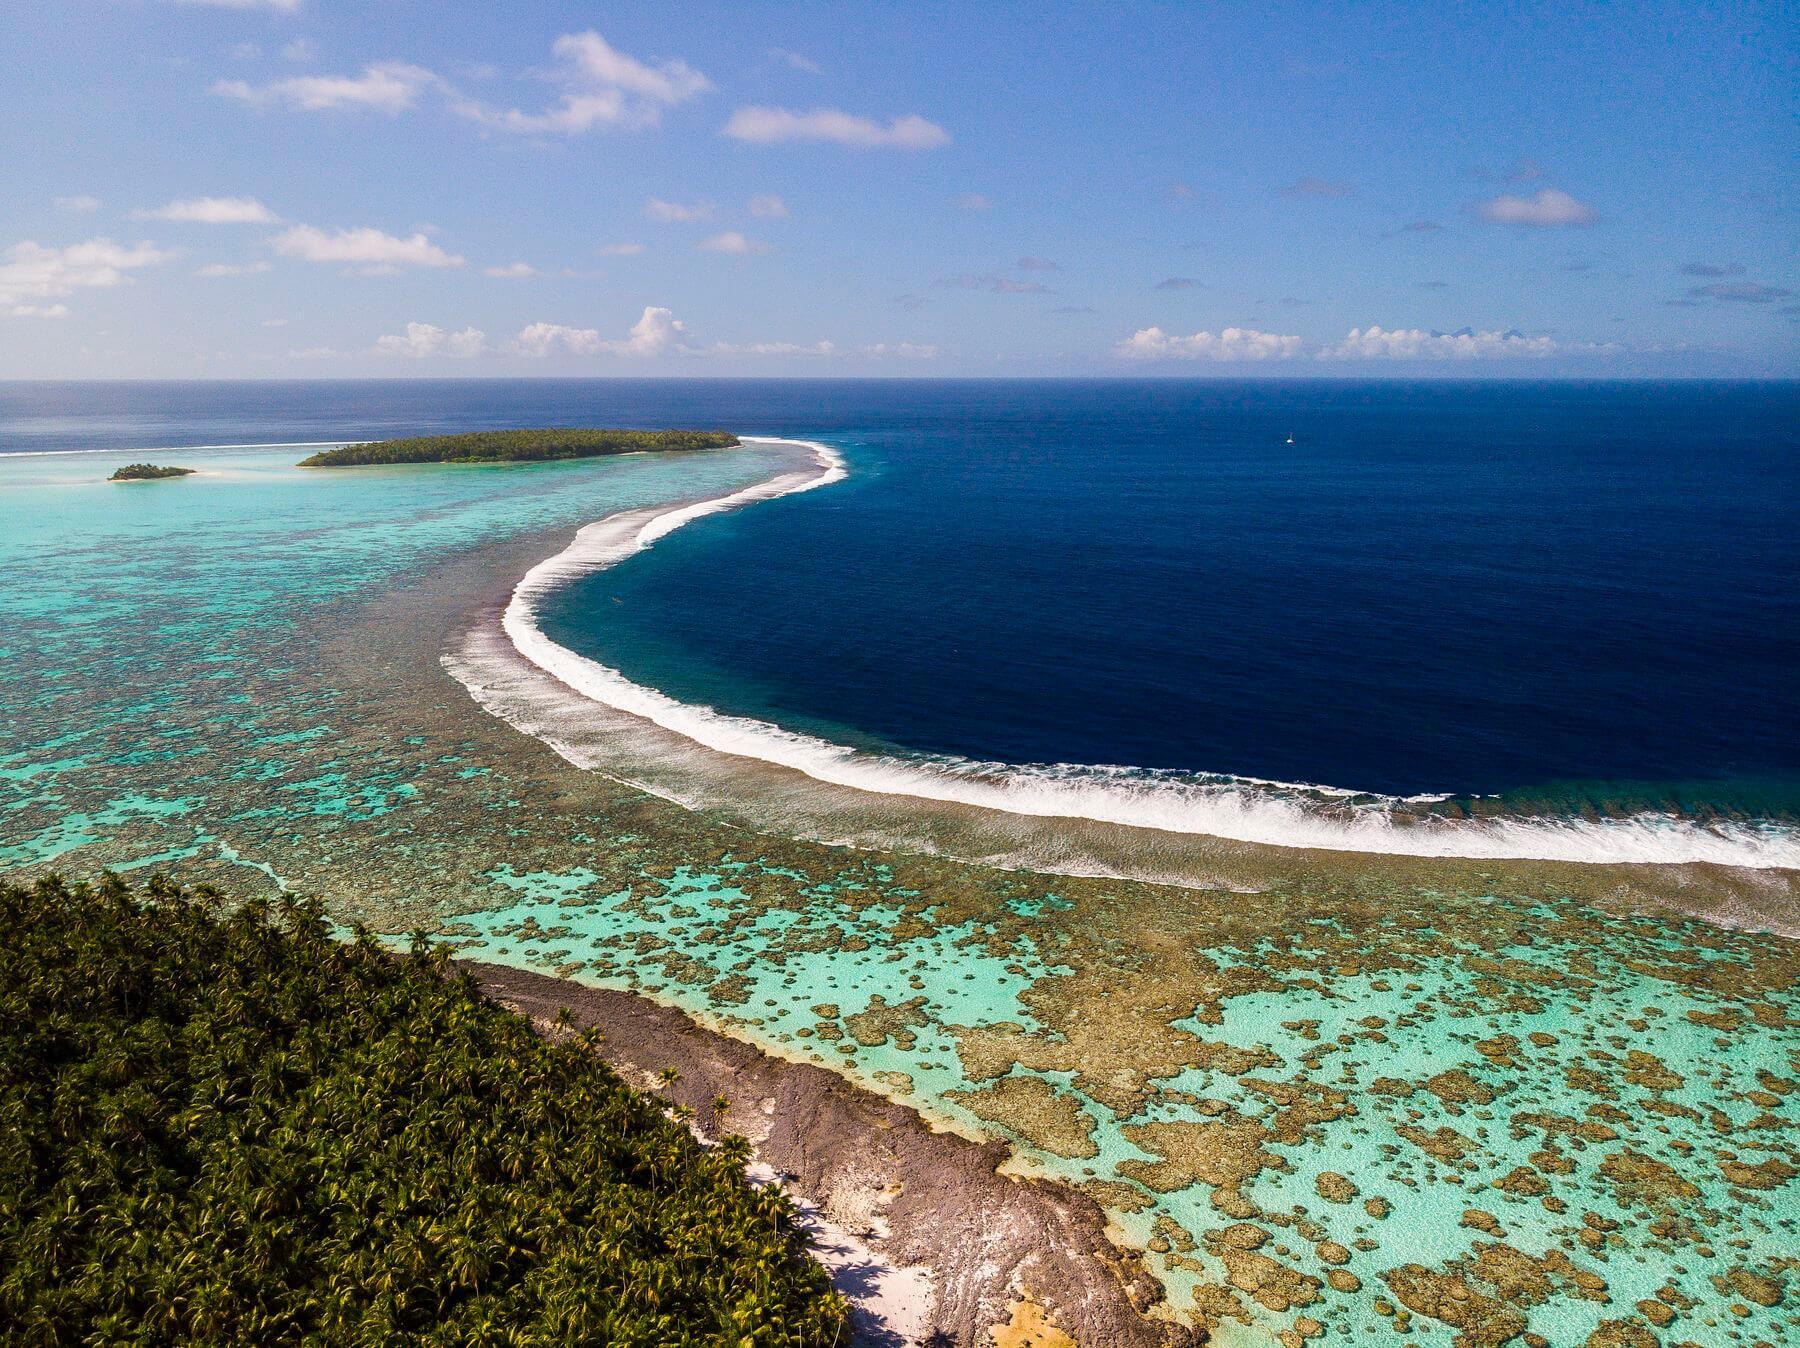 Poe Charter lors de la sortie à Tetiaroa en Polynésie